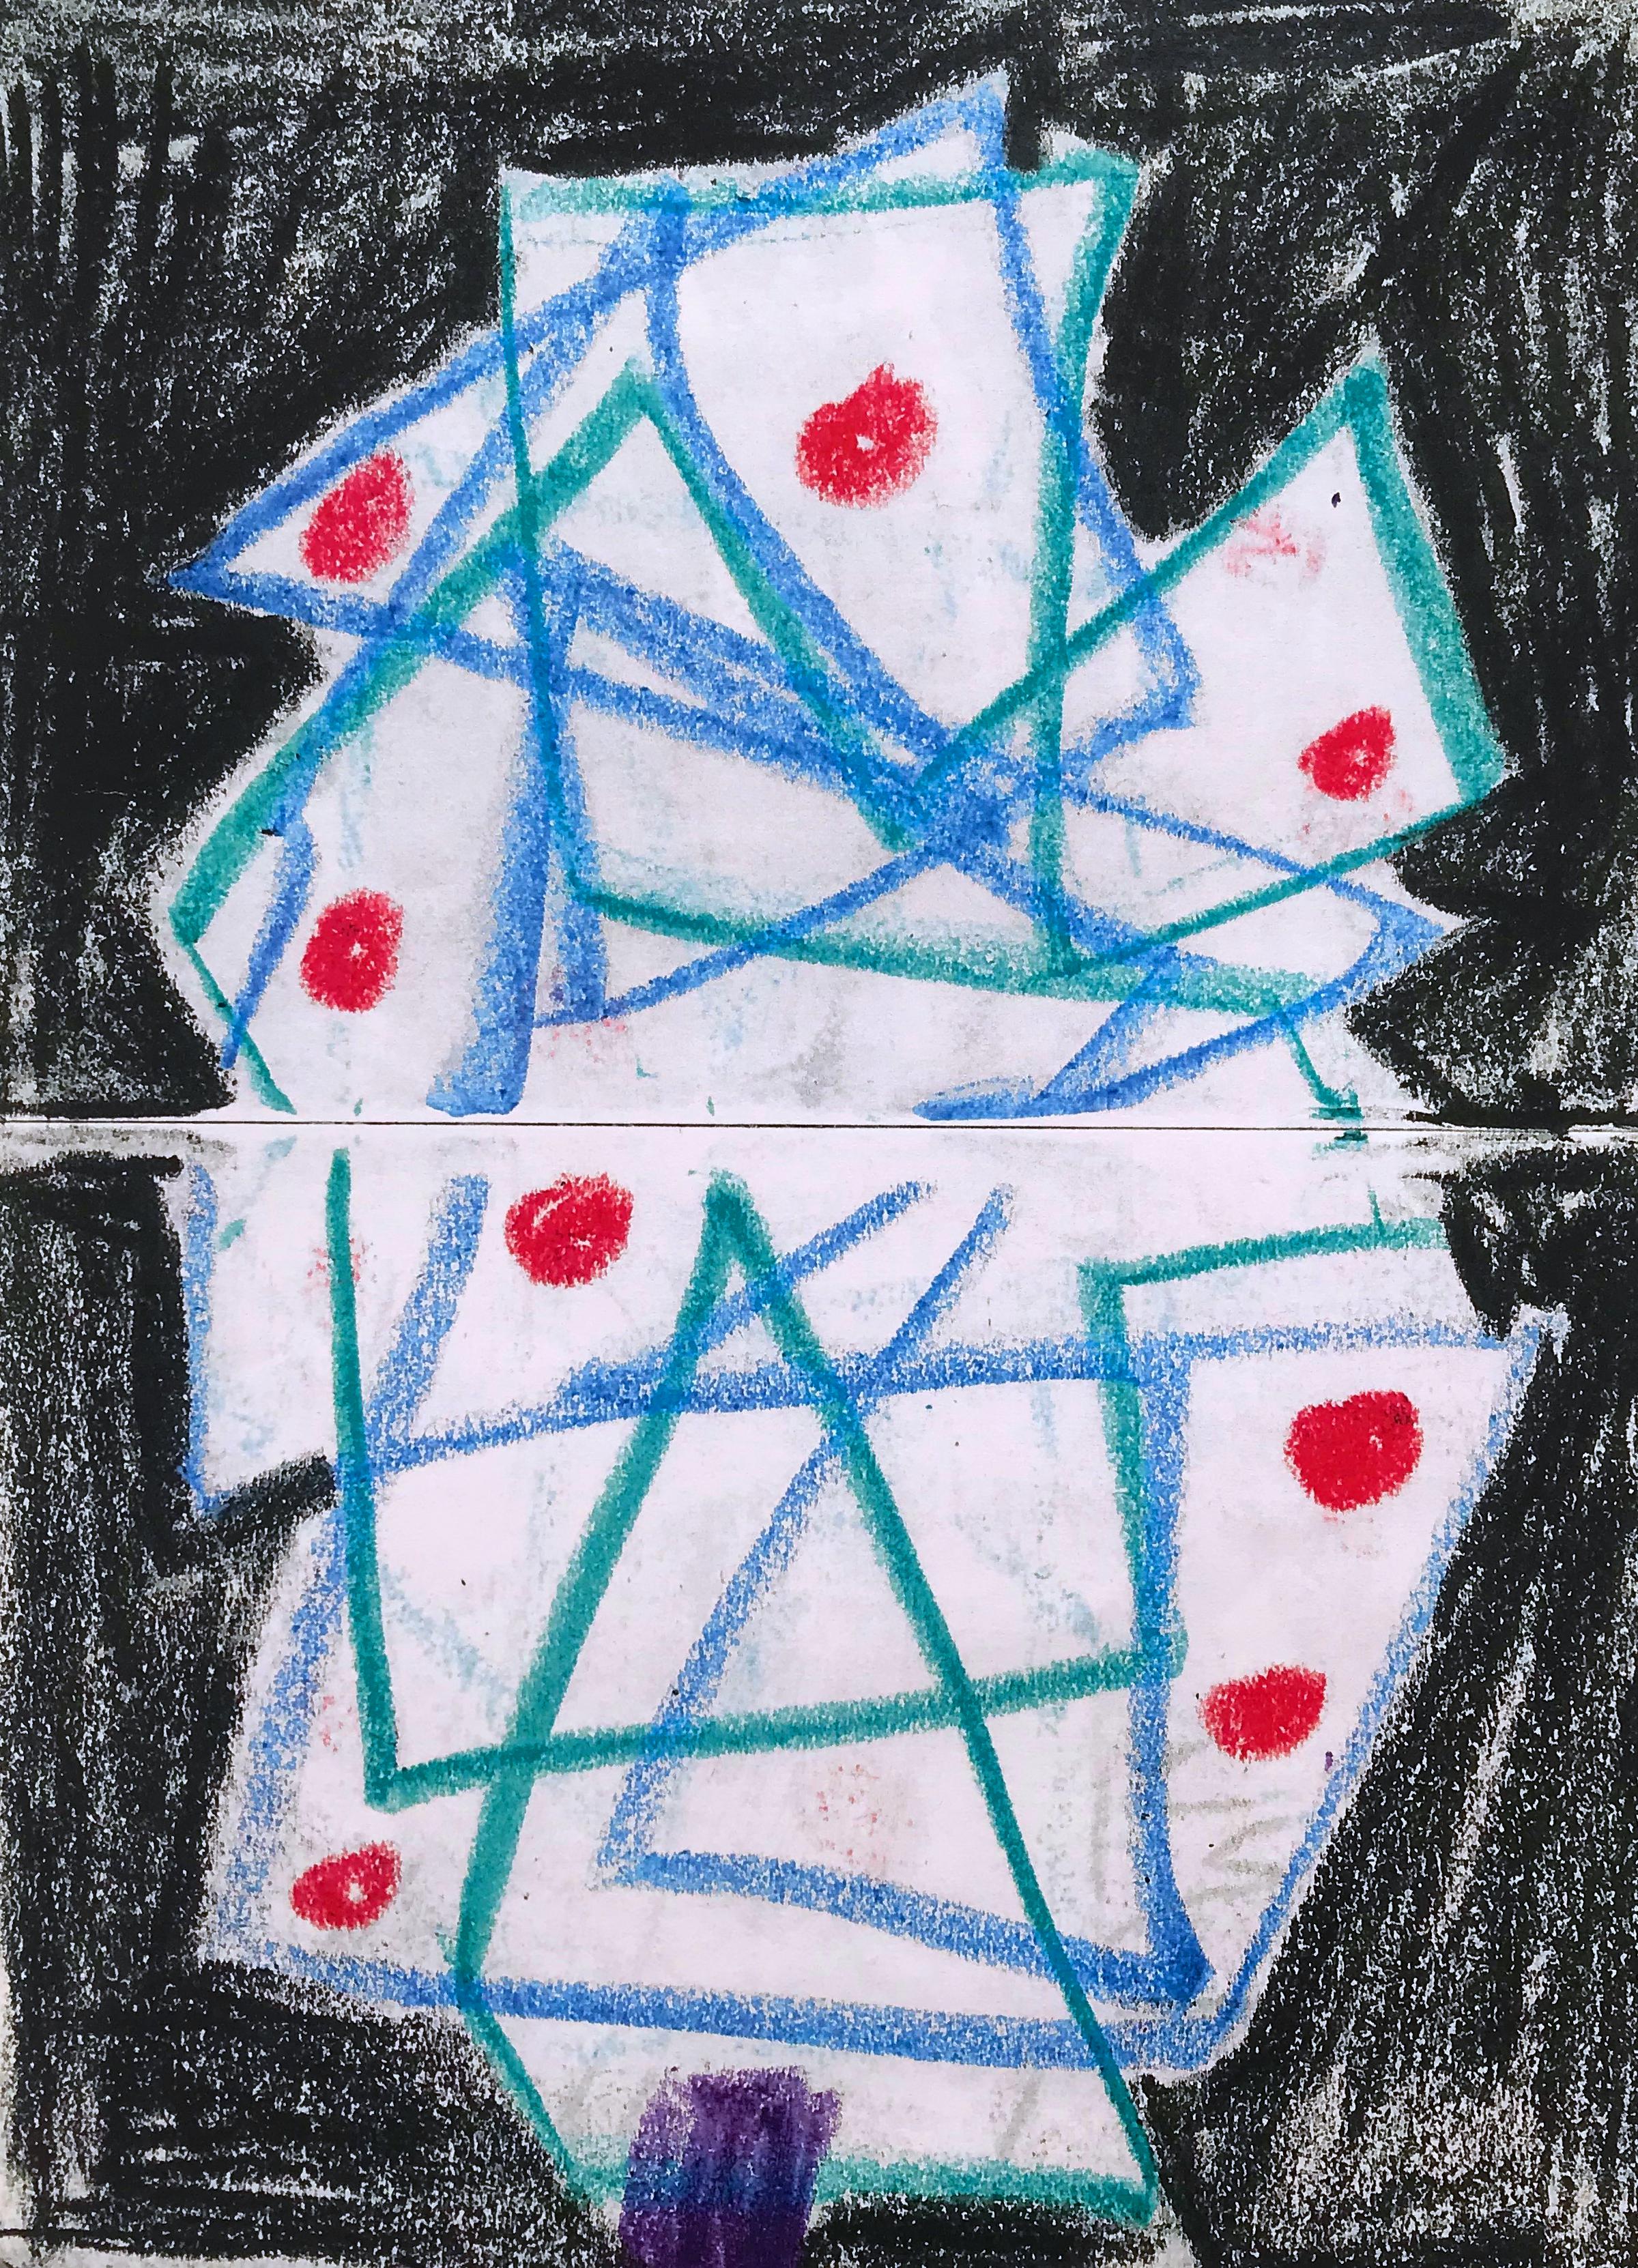 Christmas Tree, 2018, crayon, 10 x 15 cm